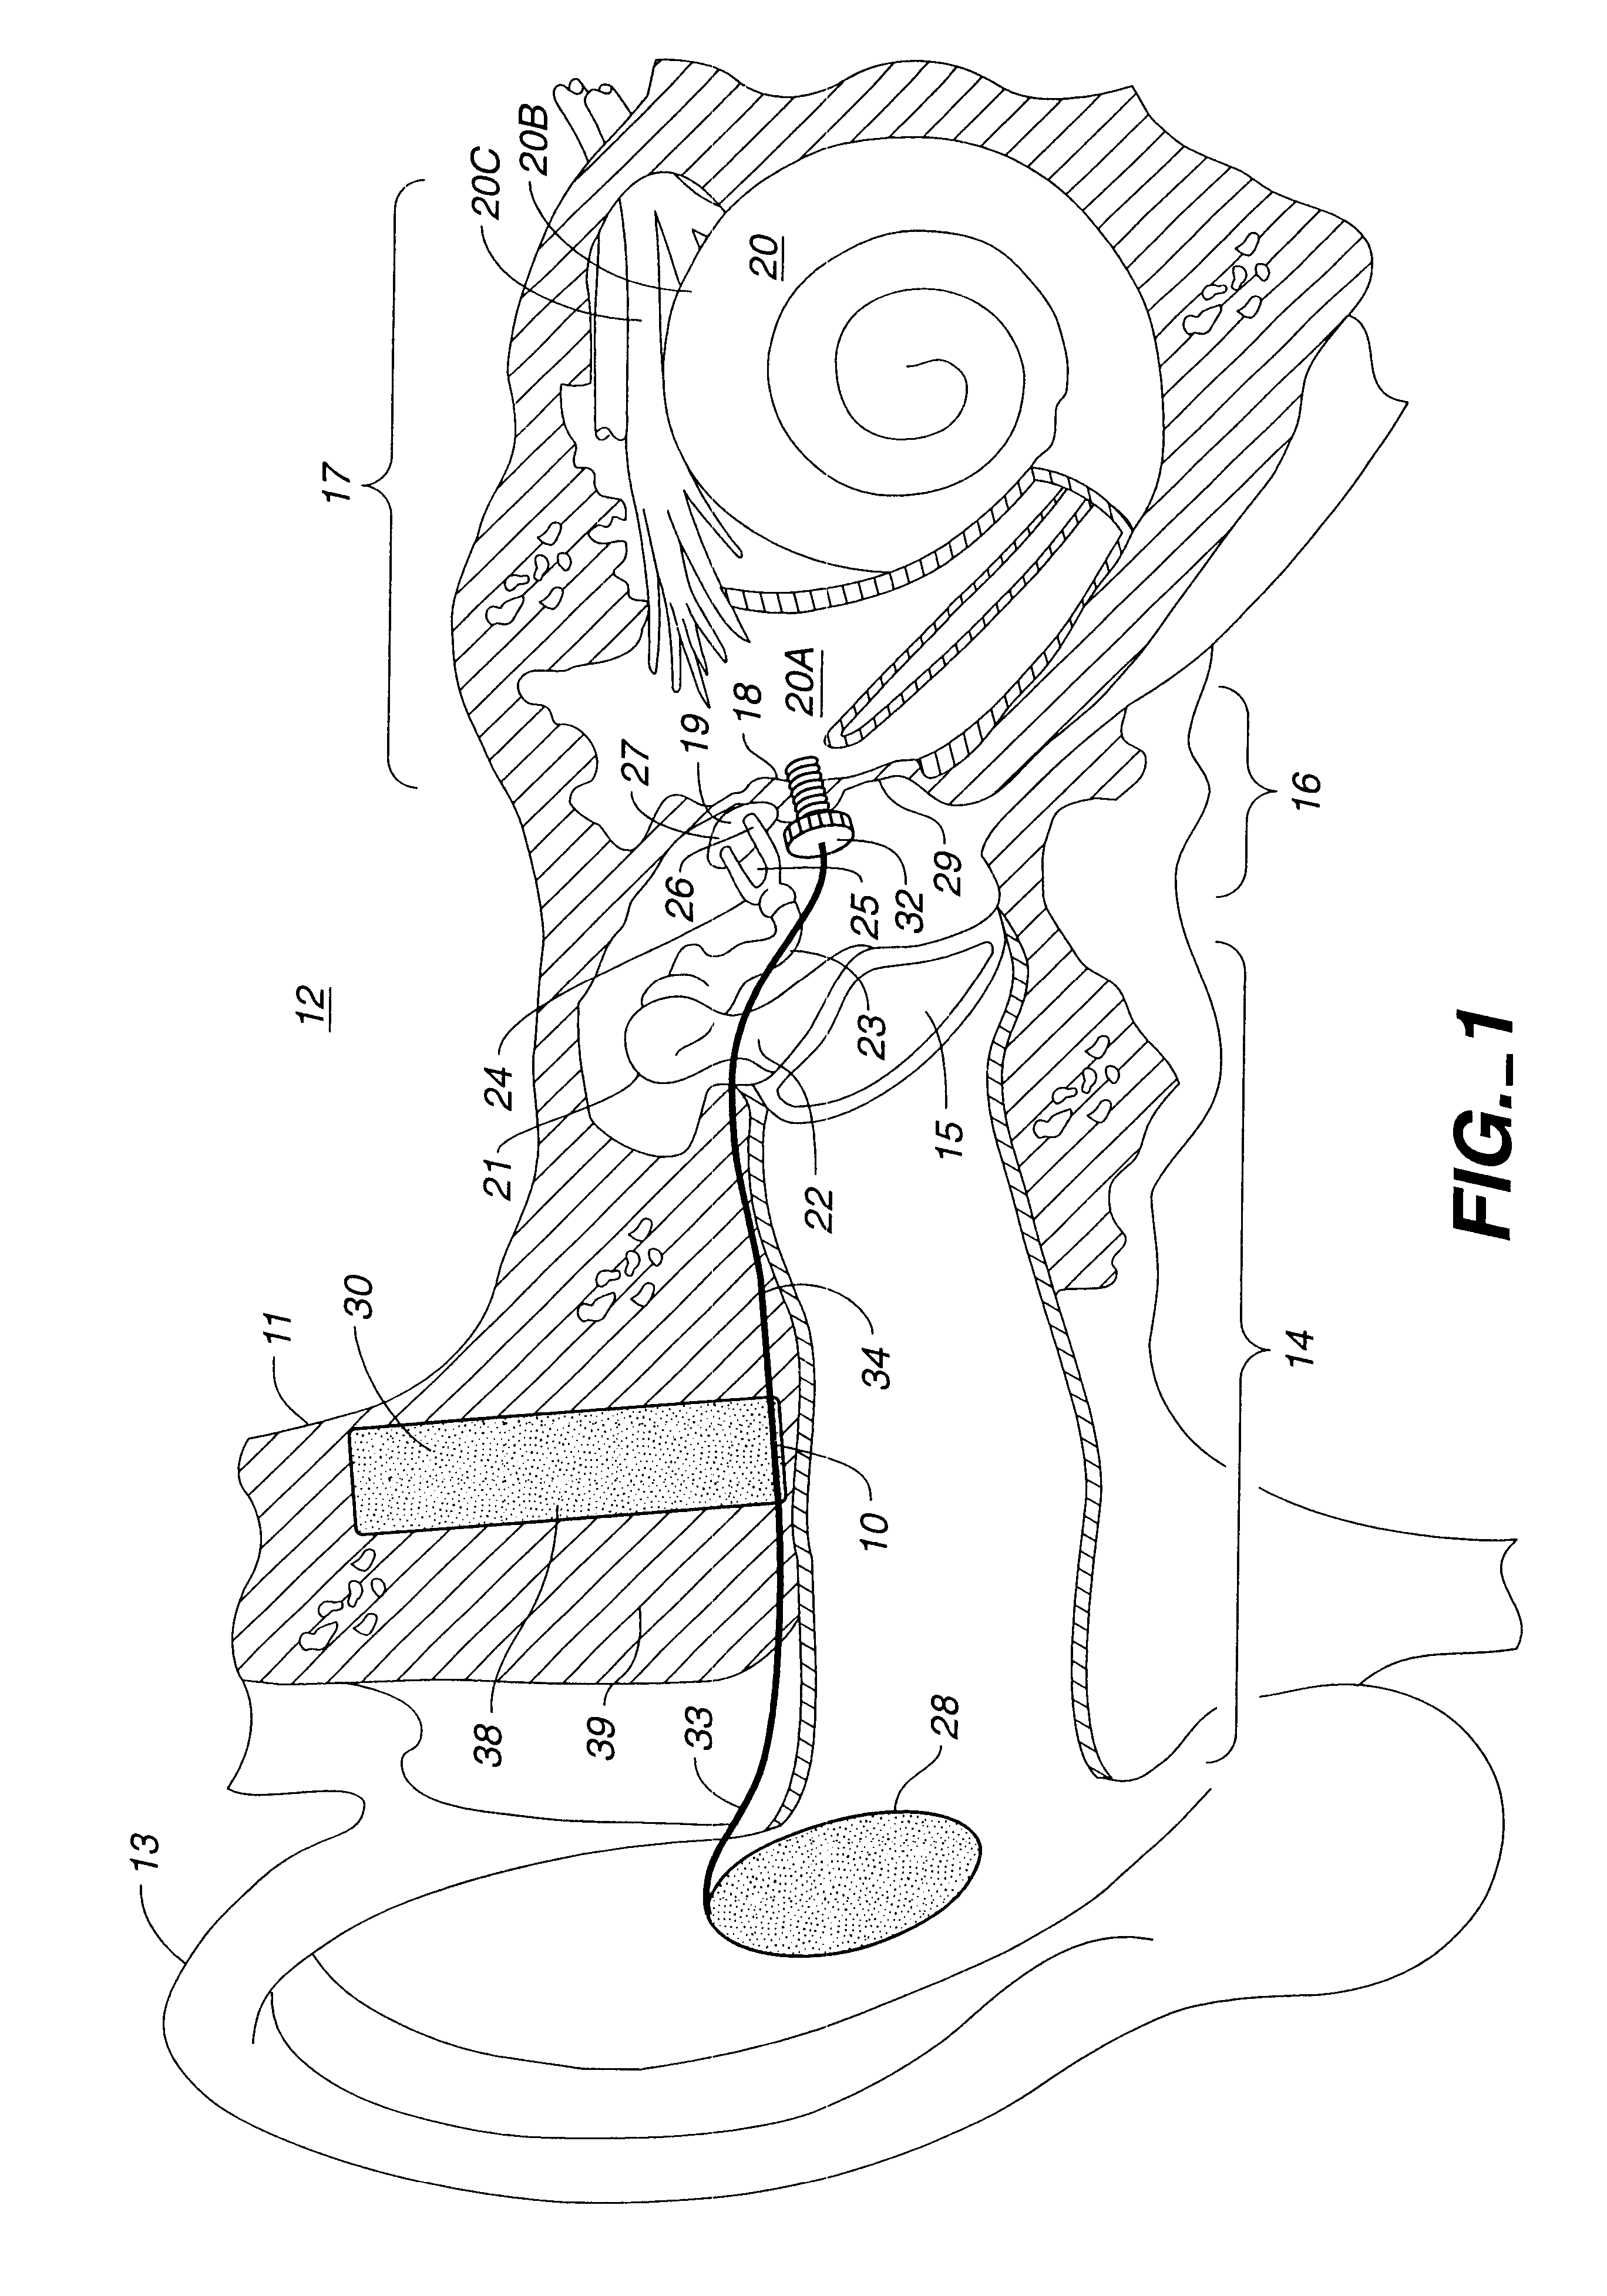 patent us6381336